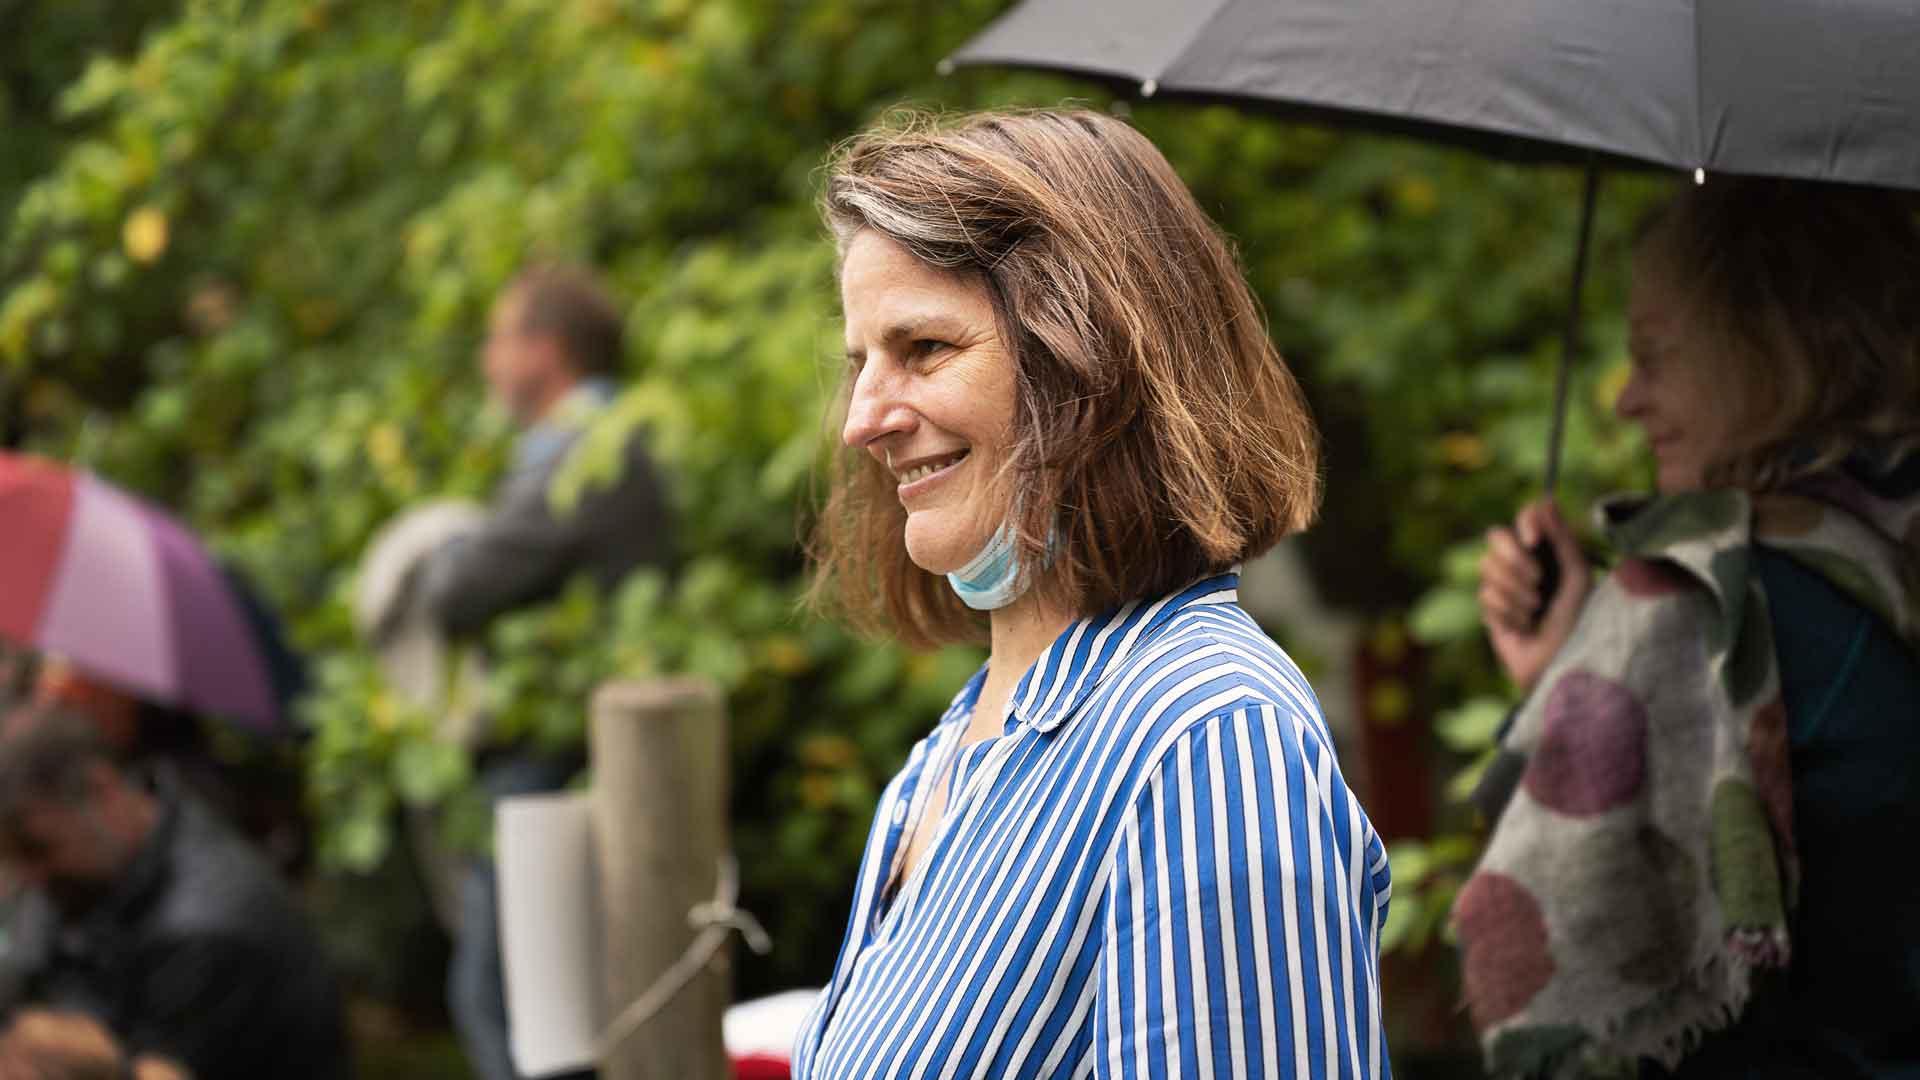 Festivalmacherin Astrid Engel beim Balkon der freien Künste 2020